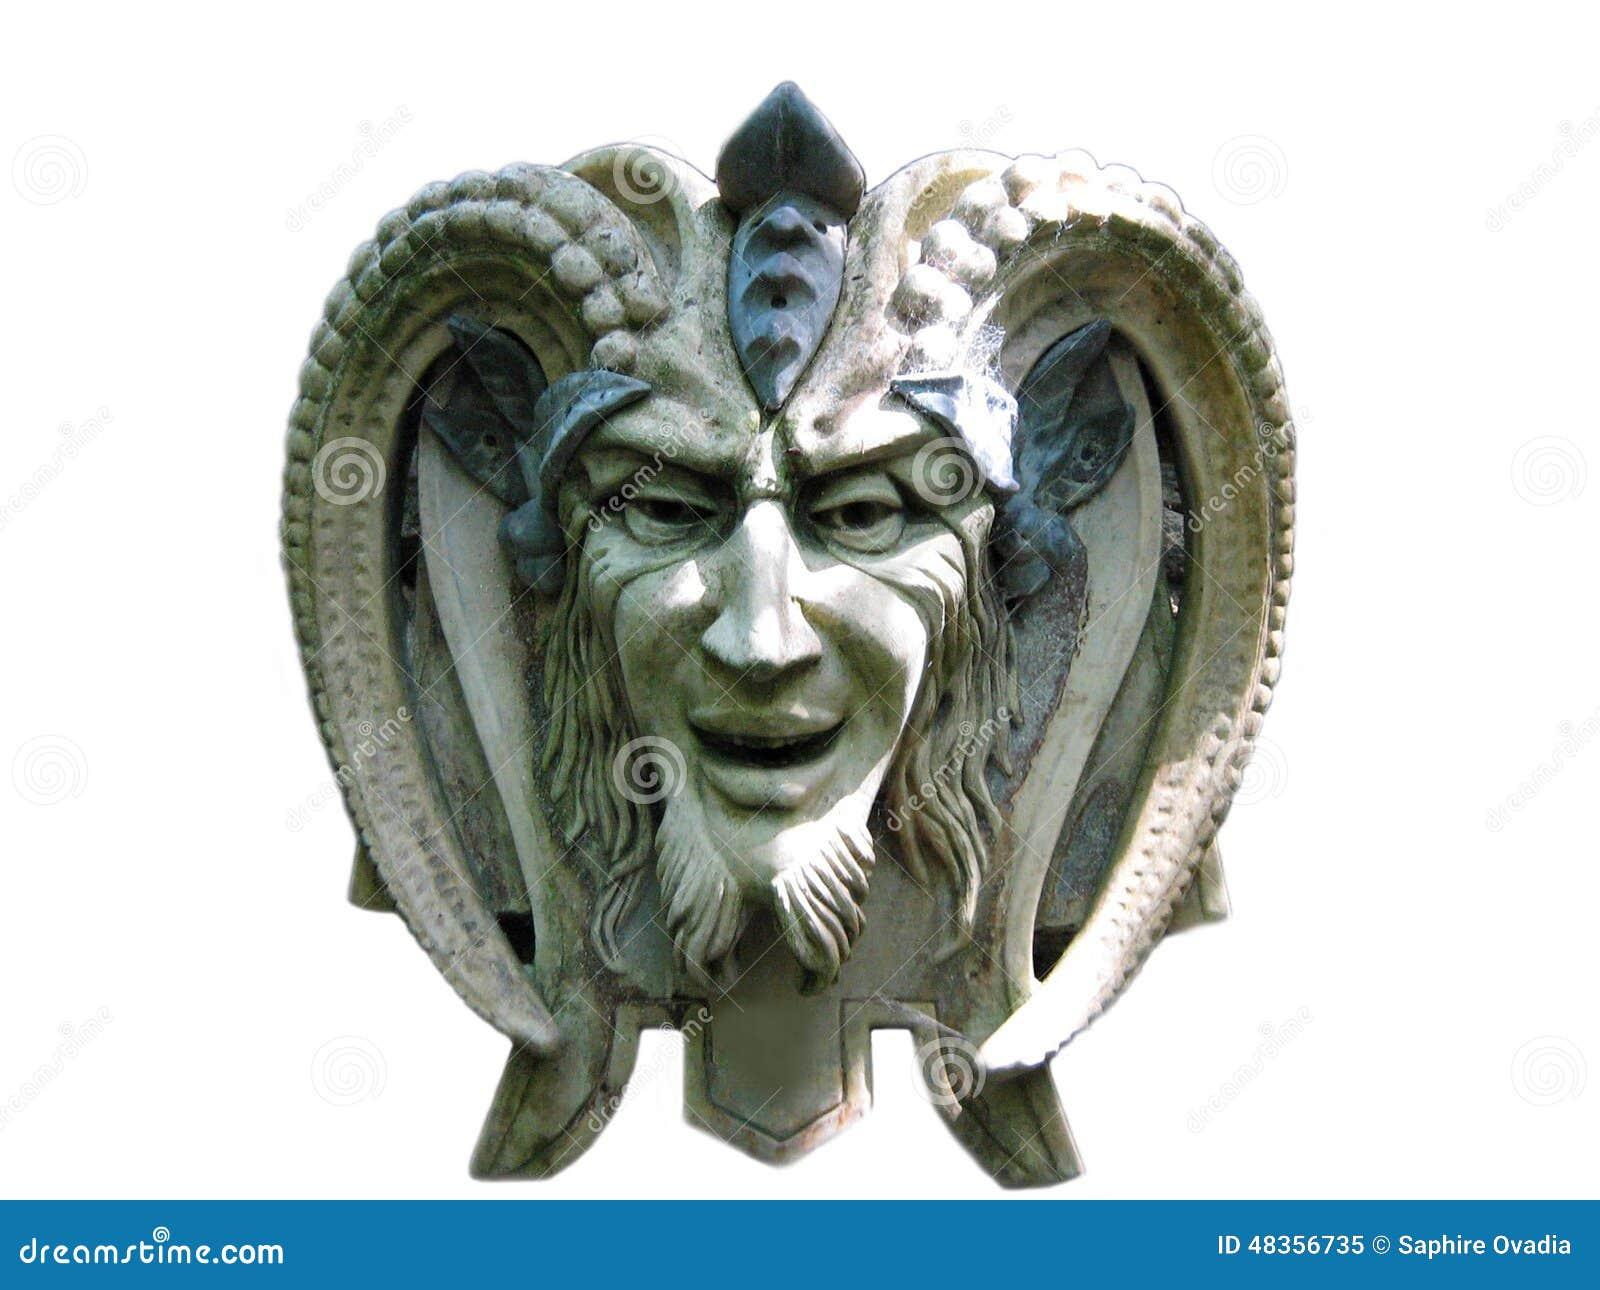 恶魔或撒旦的雕塑的建筑学.